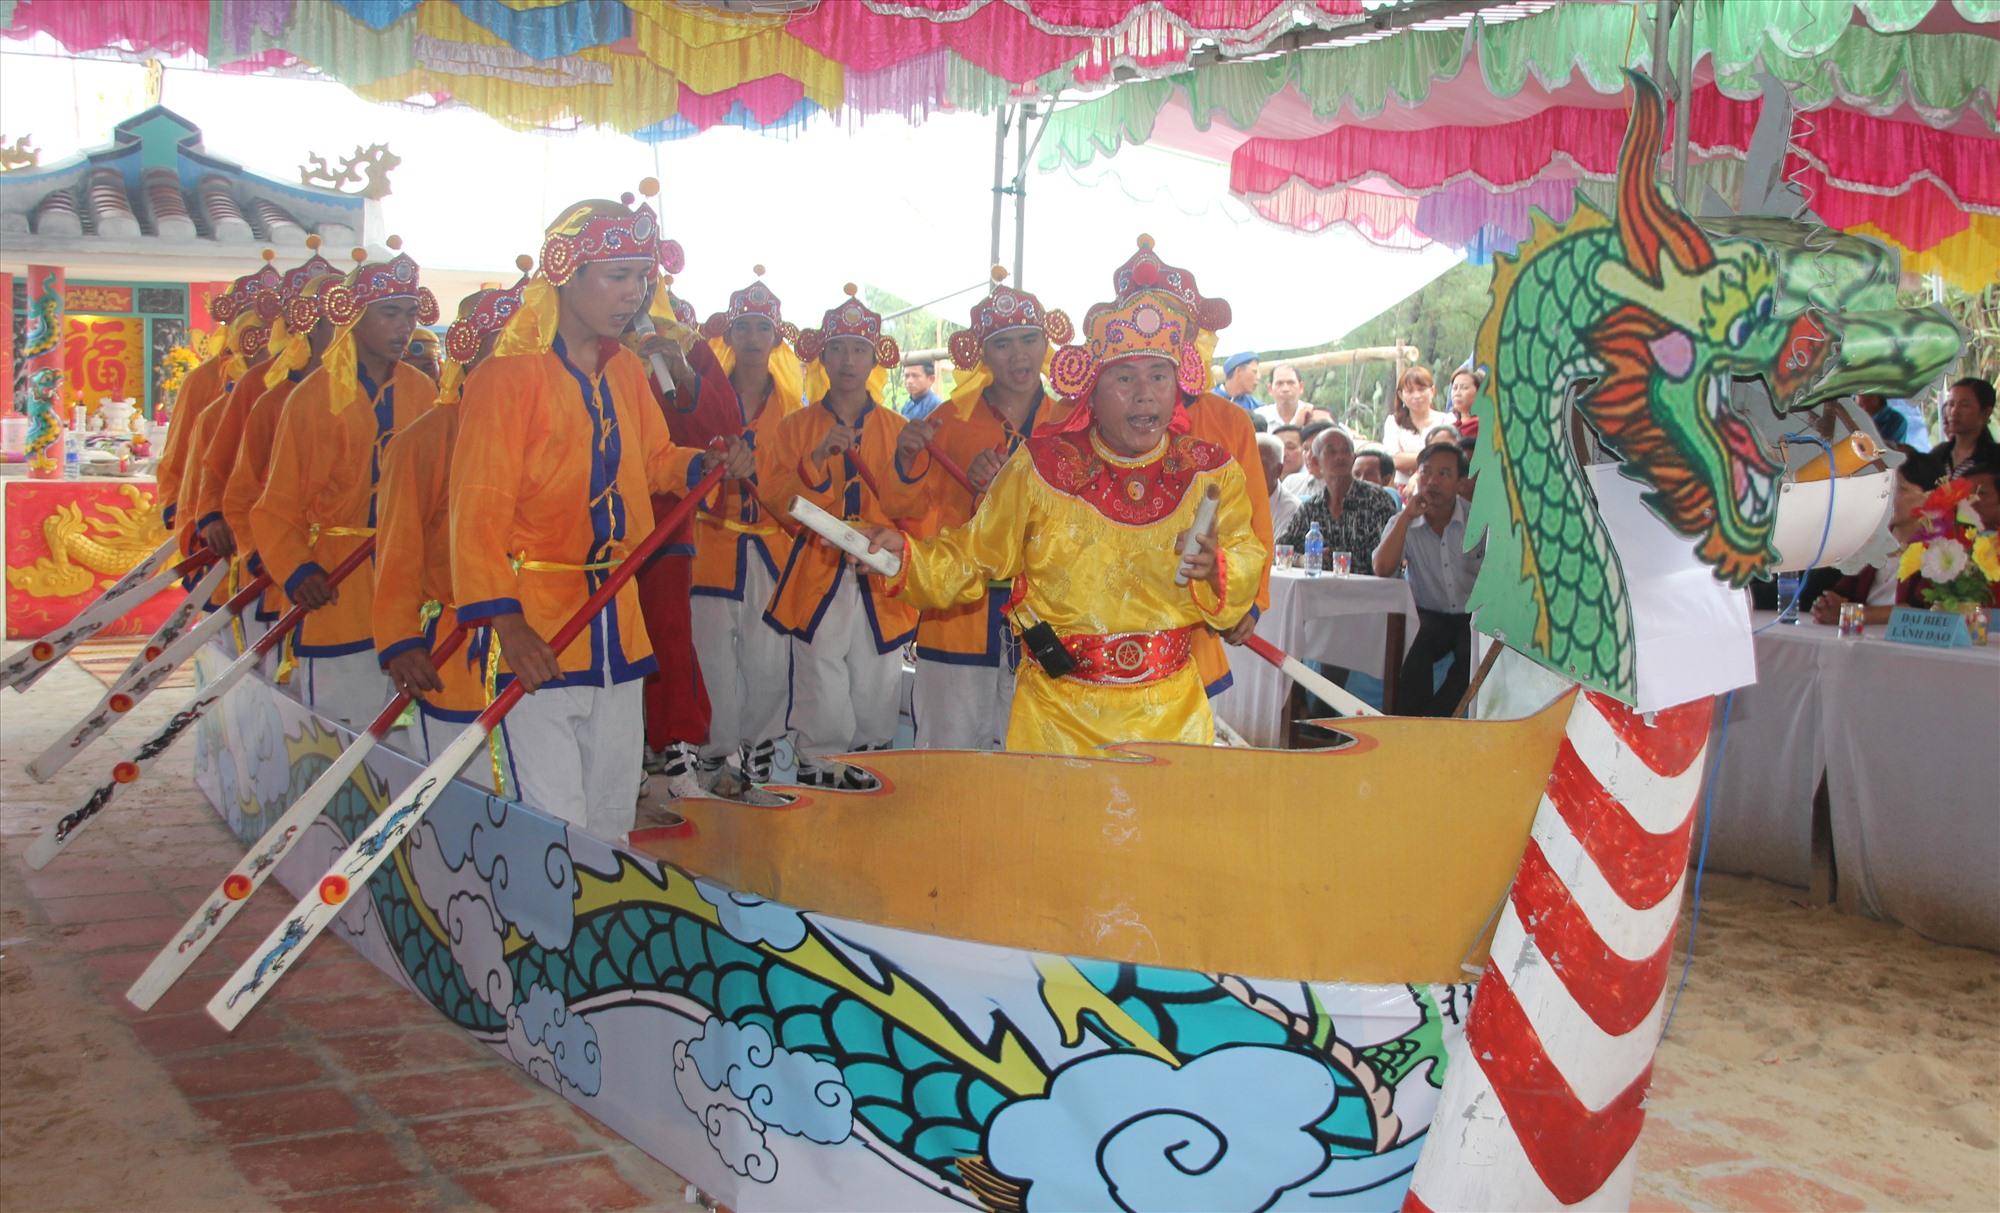 Lễ cầu ngư (cúng cá Ông), hát bả trạo ở làng chài Bình Minh (Thăng Bình). Ảnh: H.QUANG